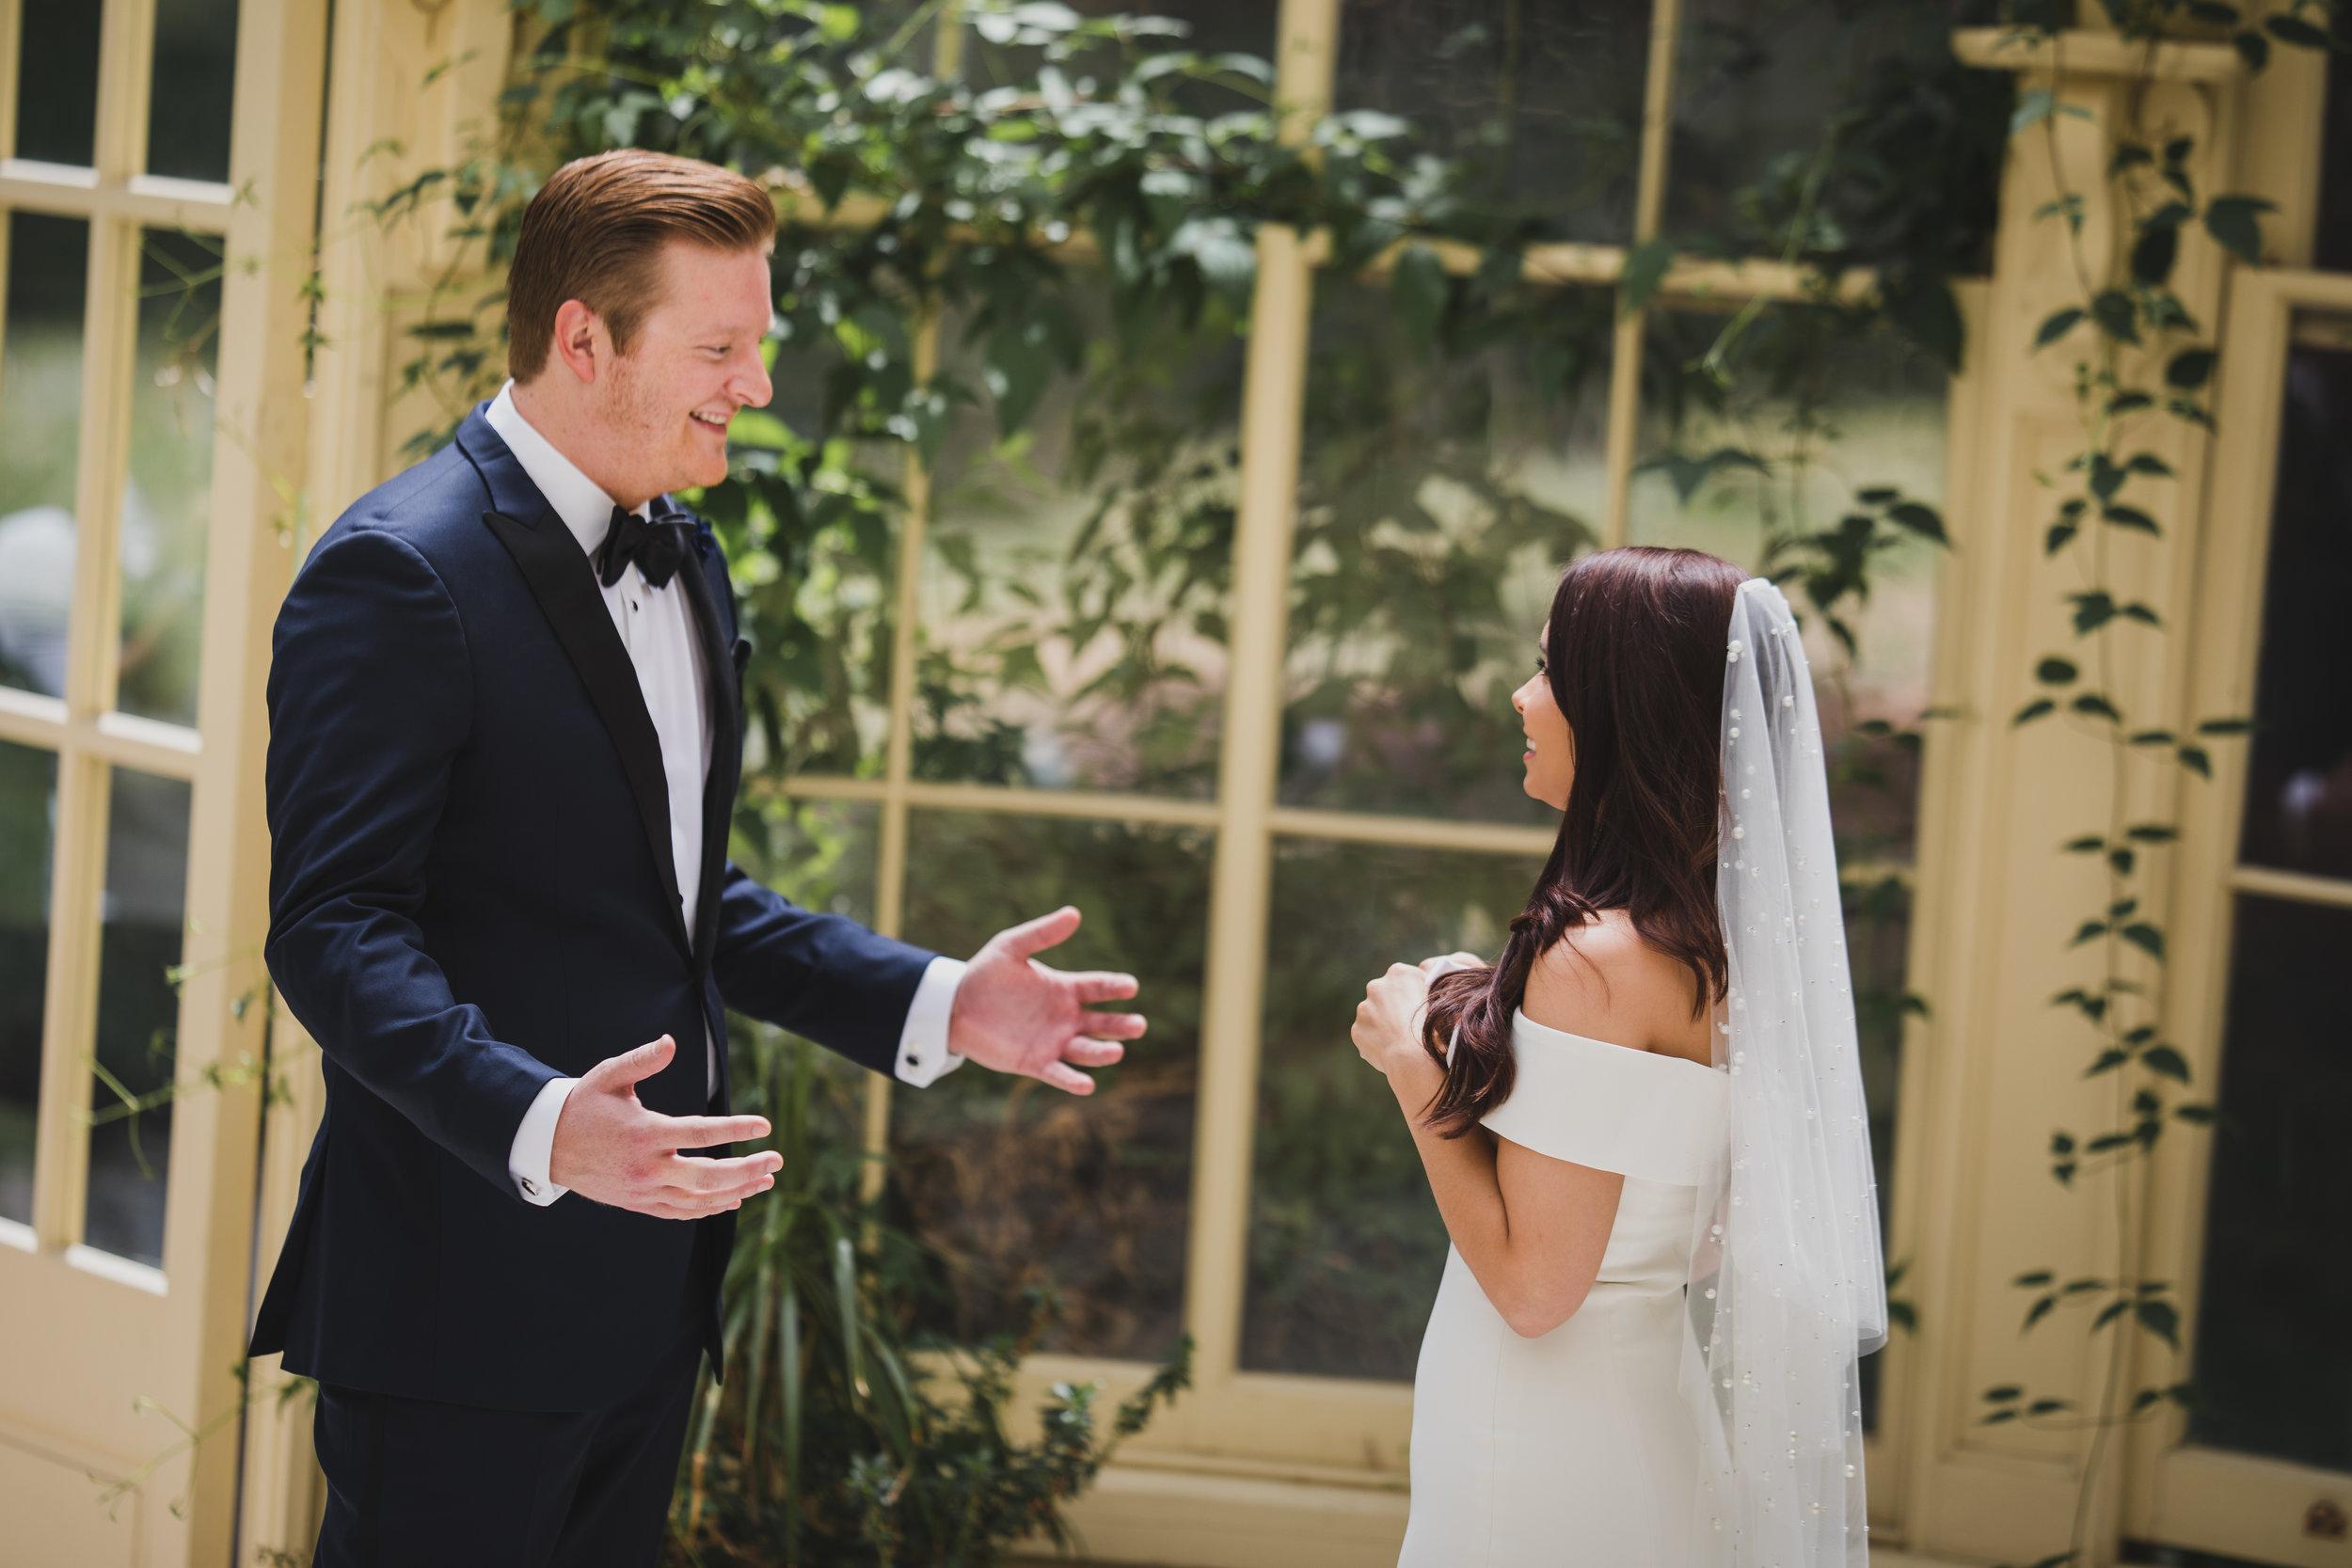 Weddings by Hanel -7.21.18 Samantha  CJ Villa Nuits Wedding-201.jpg